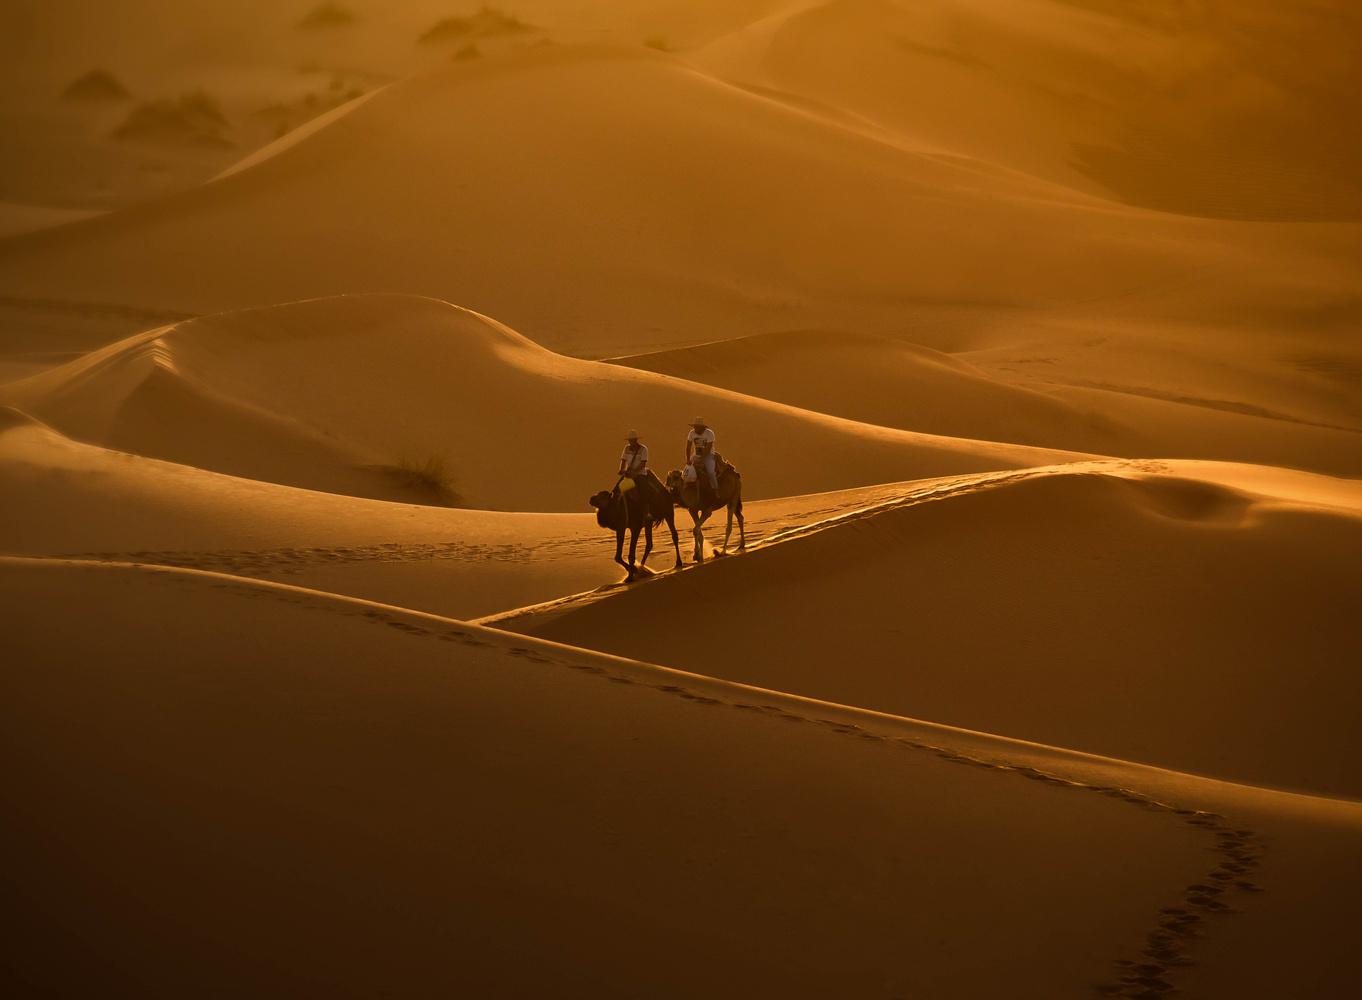 Sunset shot in Erg Chebi desert by Denis Yankin